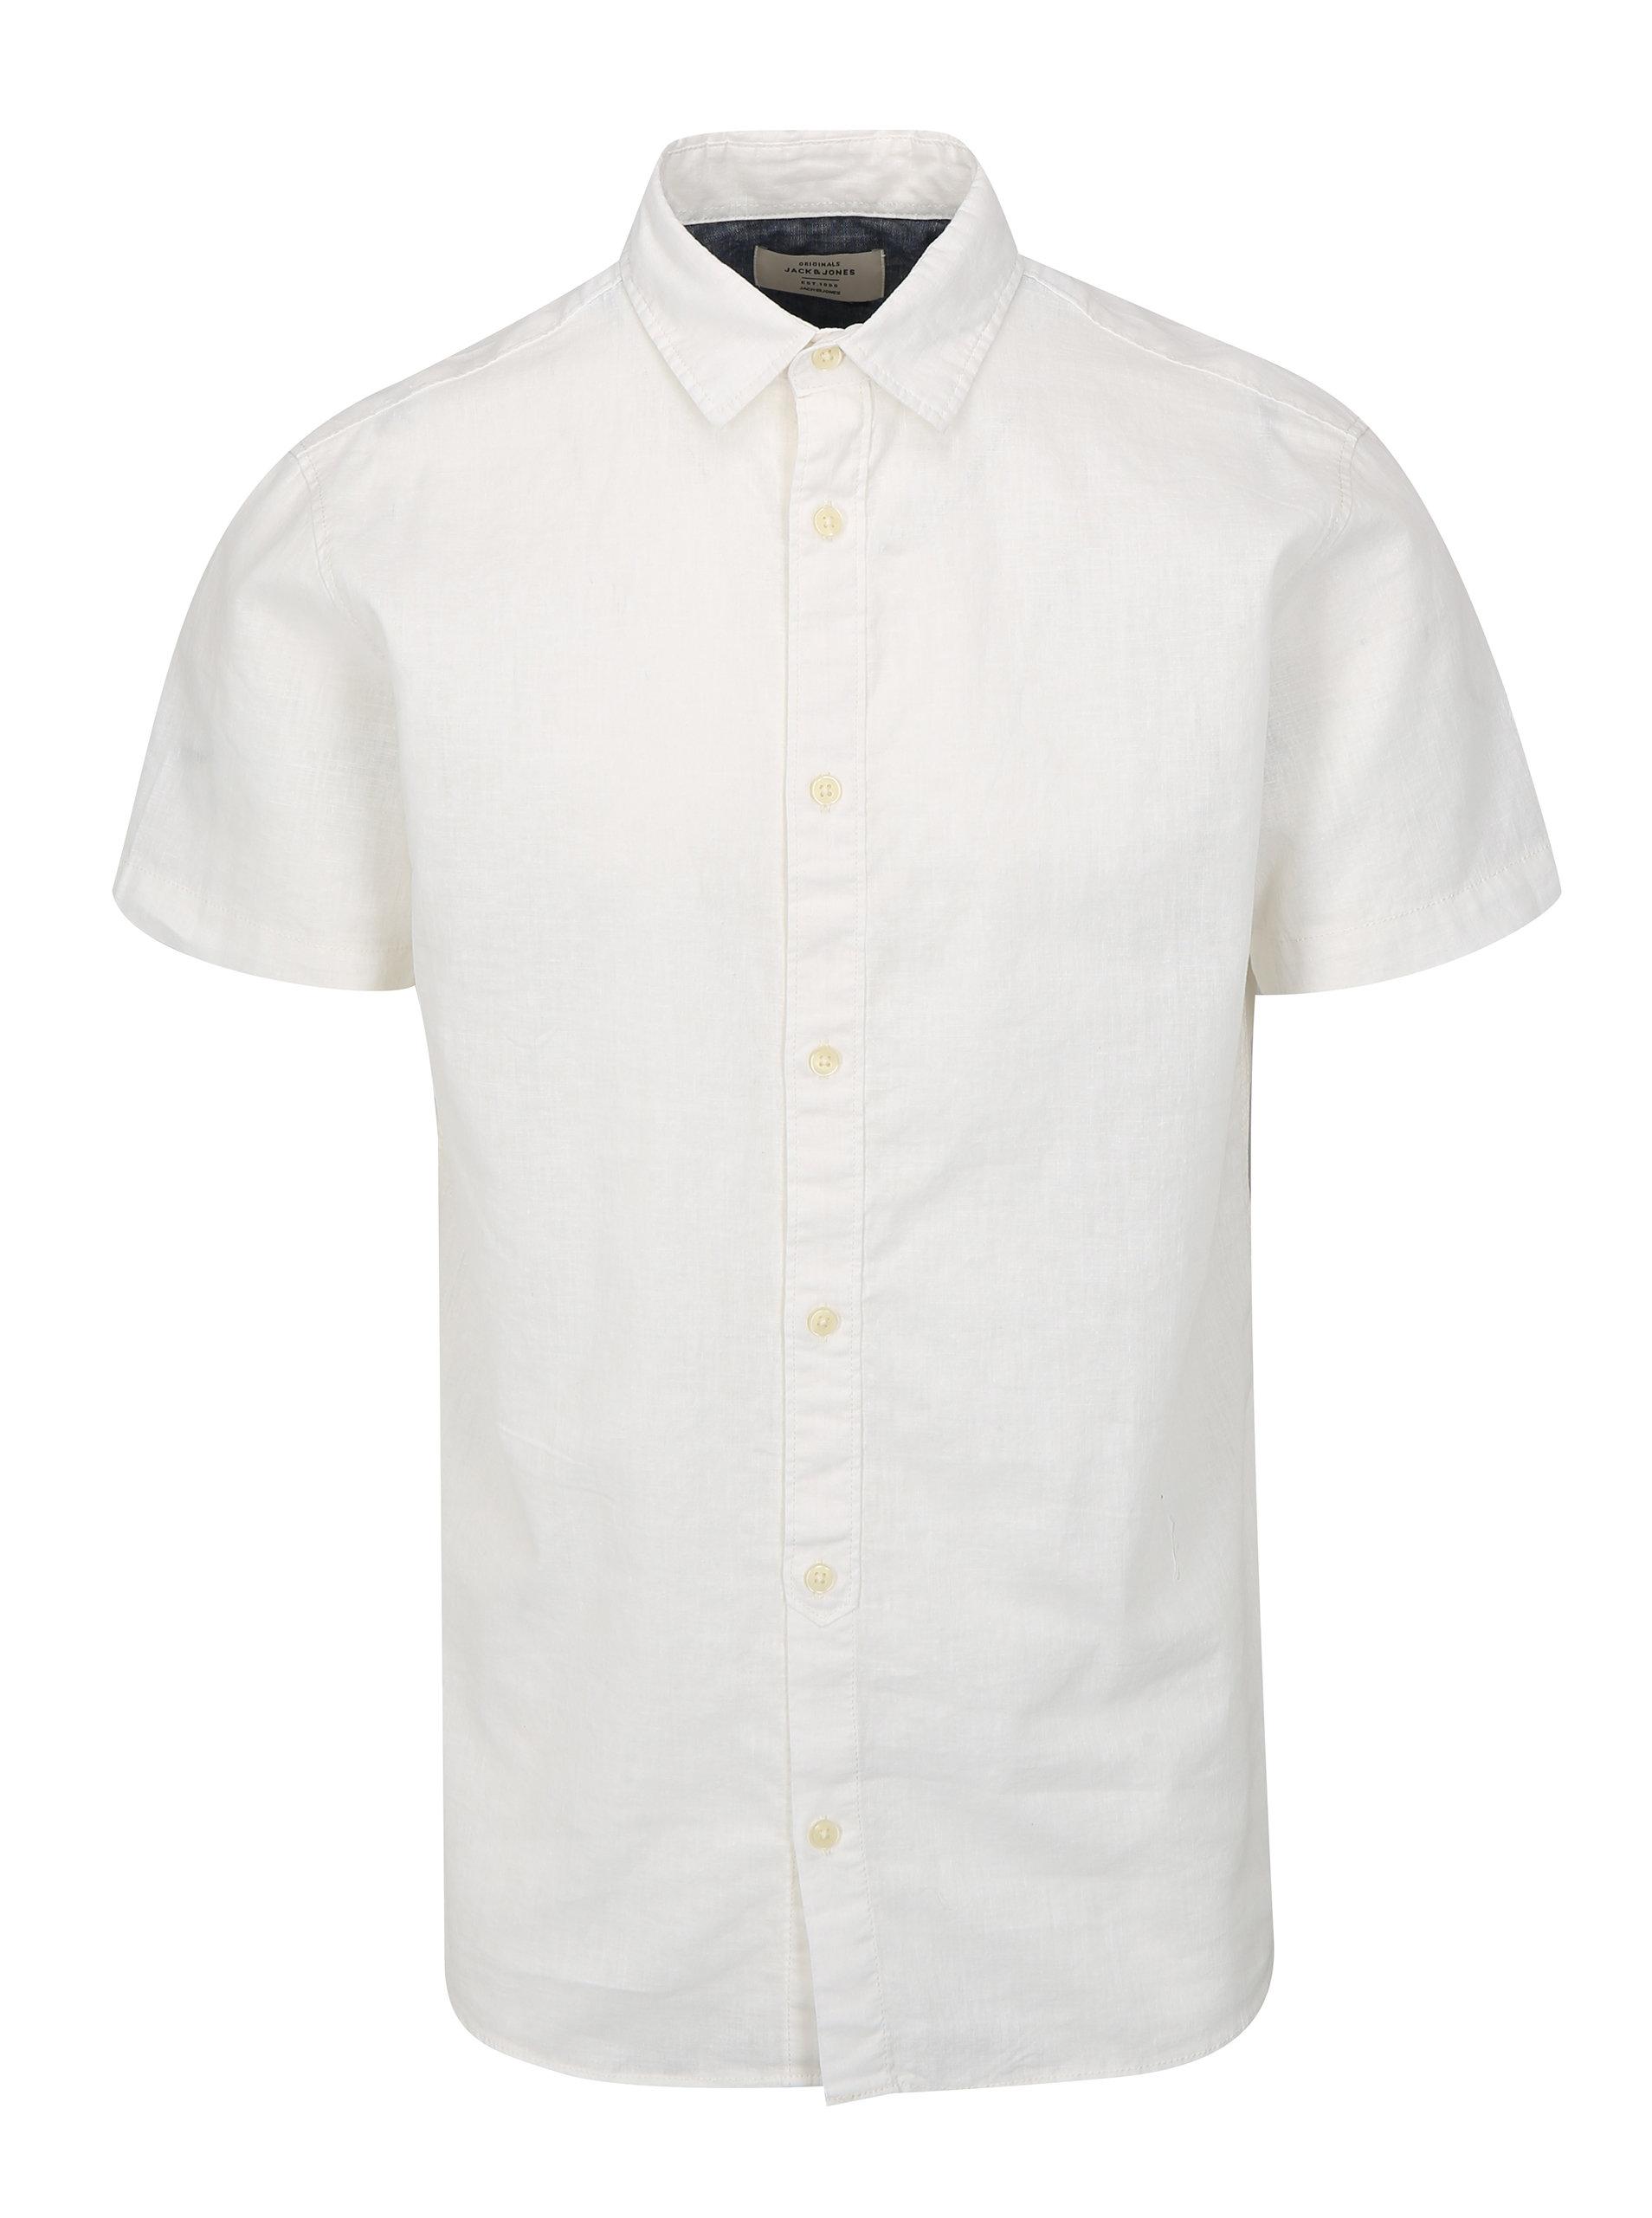 Bílá lněná košile Jack   Jones New ... 49029afe94